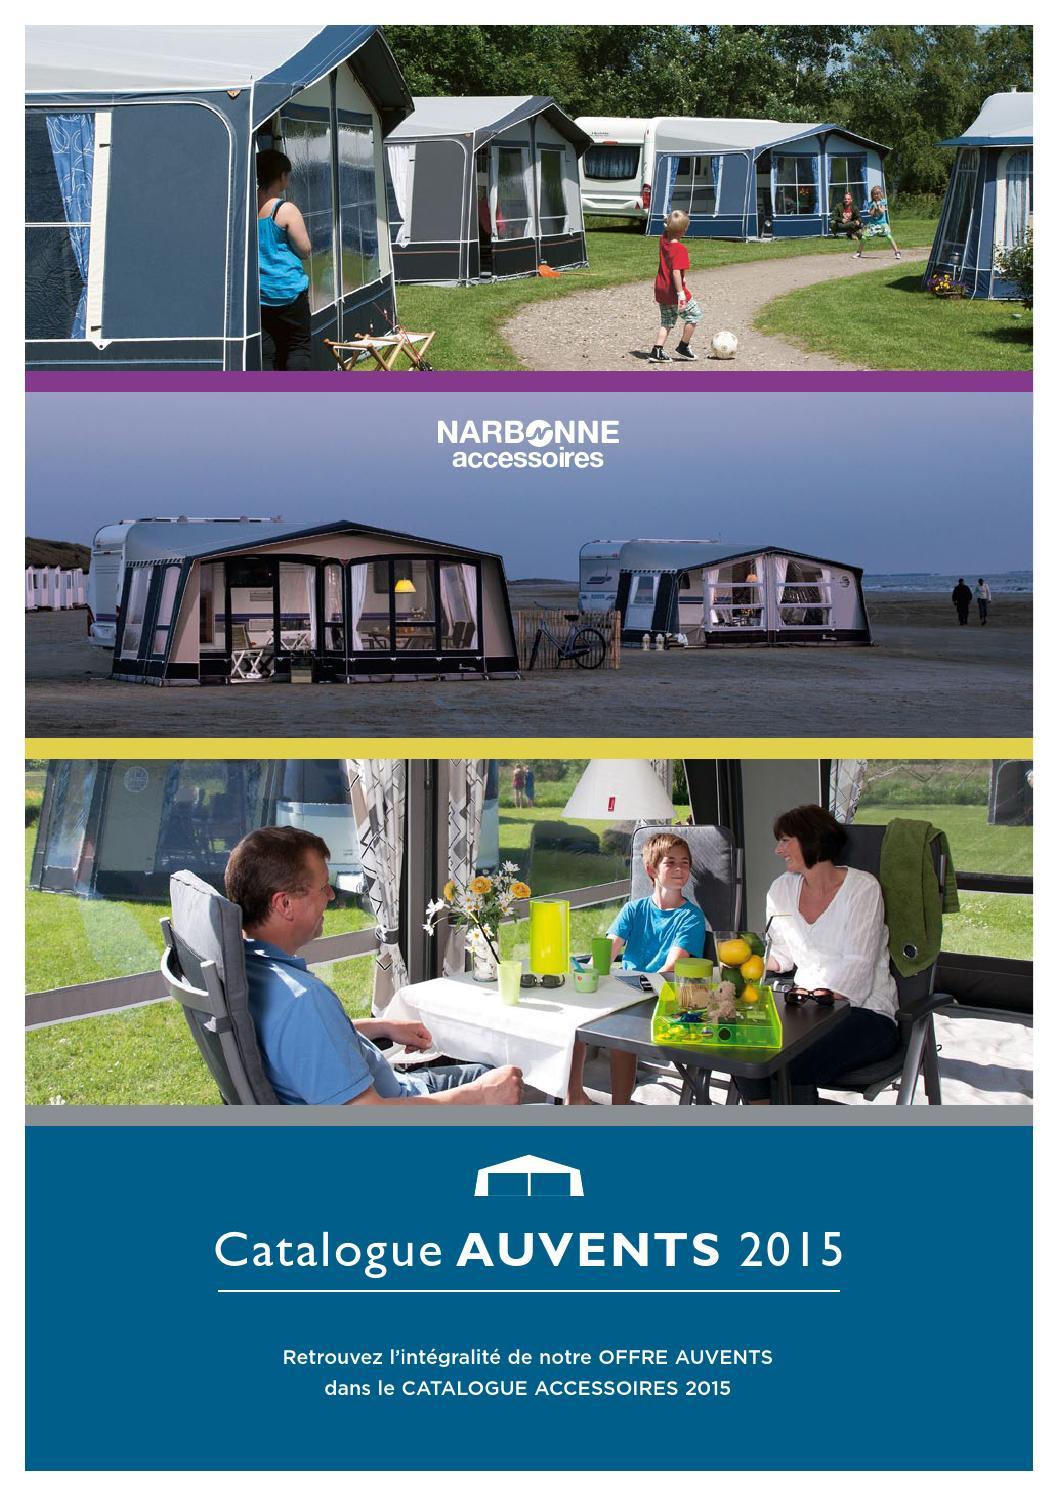 où acheter prix attractif correspondant en couleur Catalogue auvents 2015 by Narbonne Accessoires - issuu